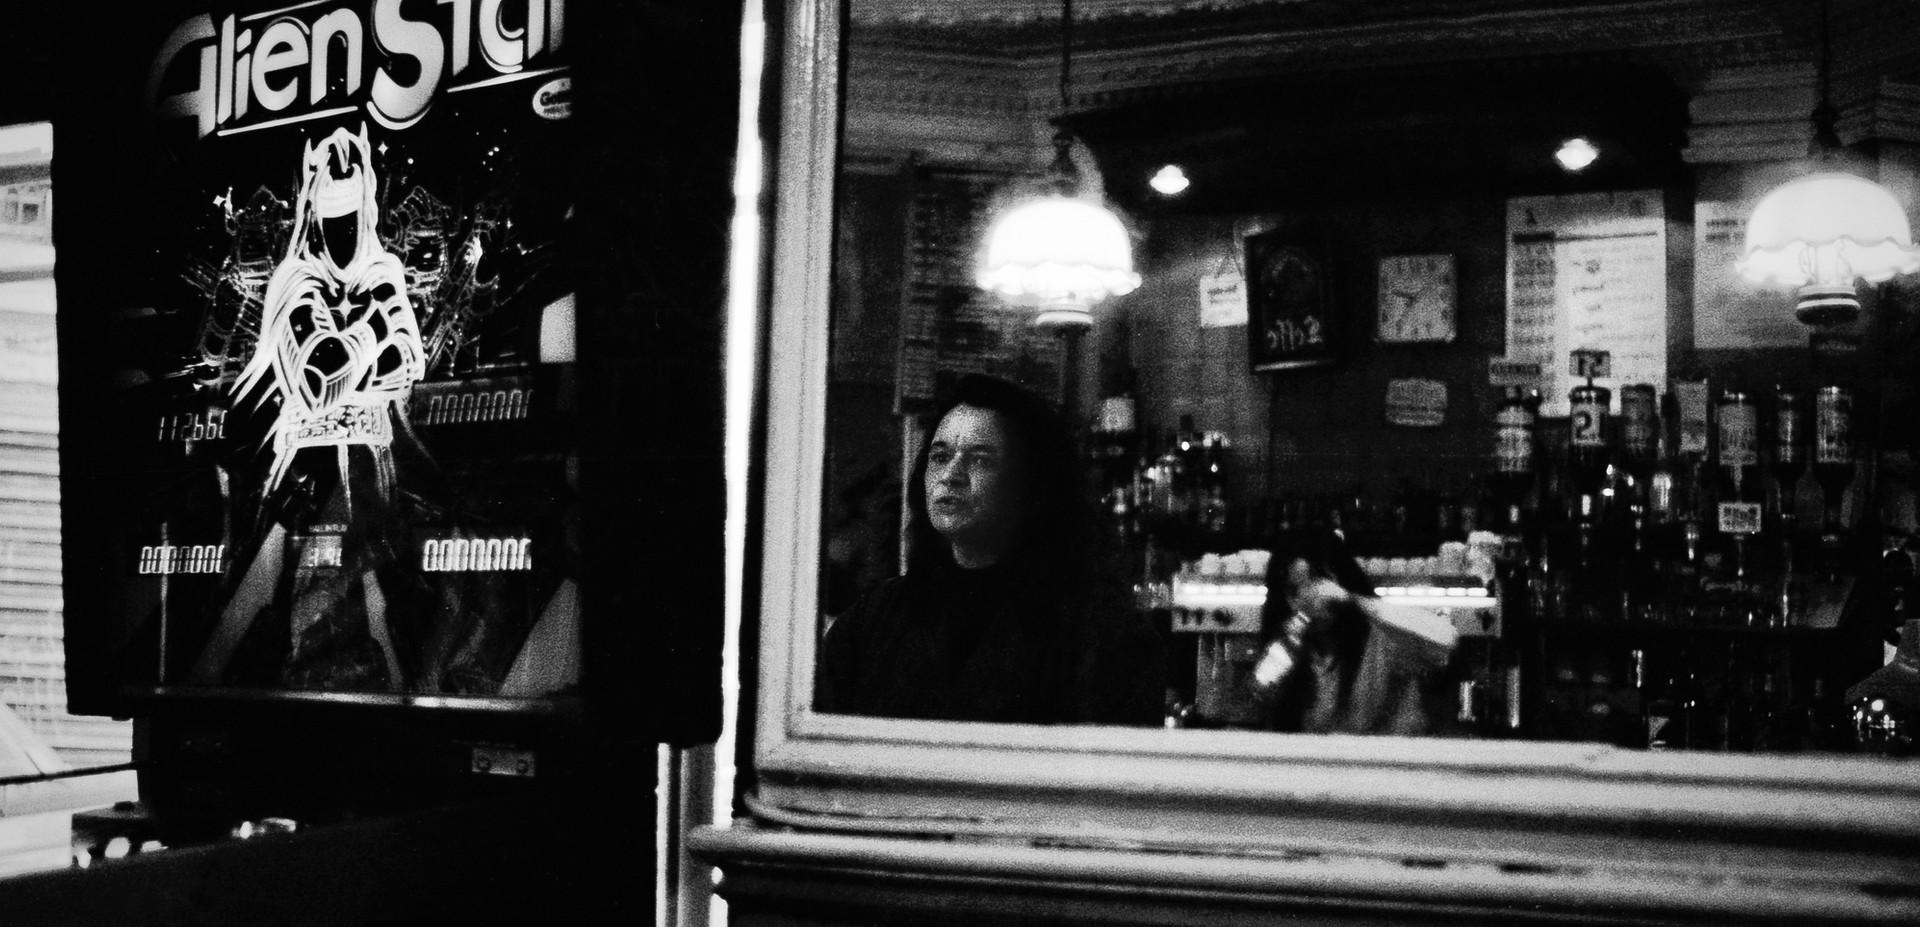 Paris, France 1991